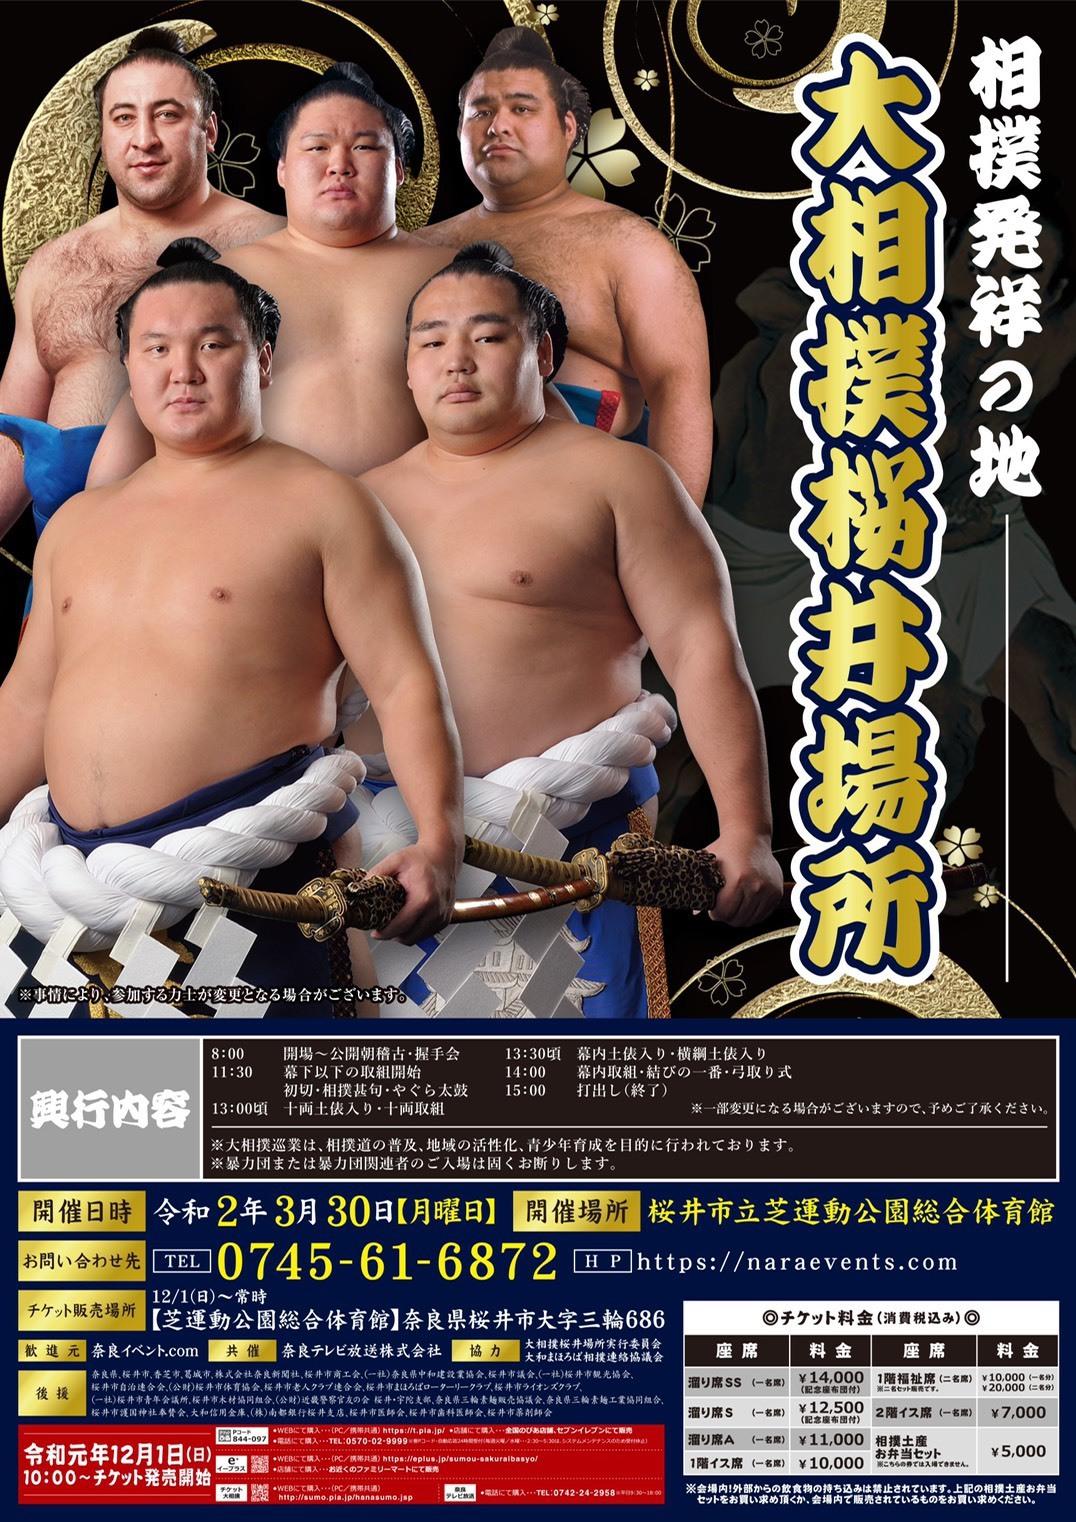 来年3月、相撲発祥の地である奈良県桜井市で巡業が行われる。